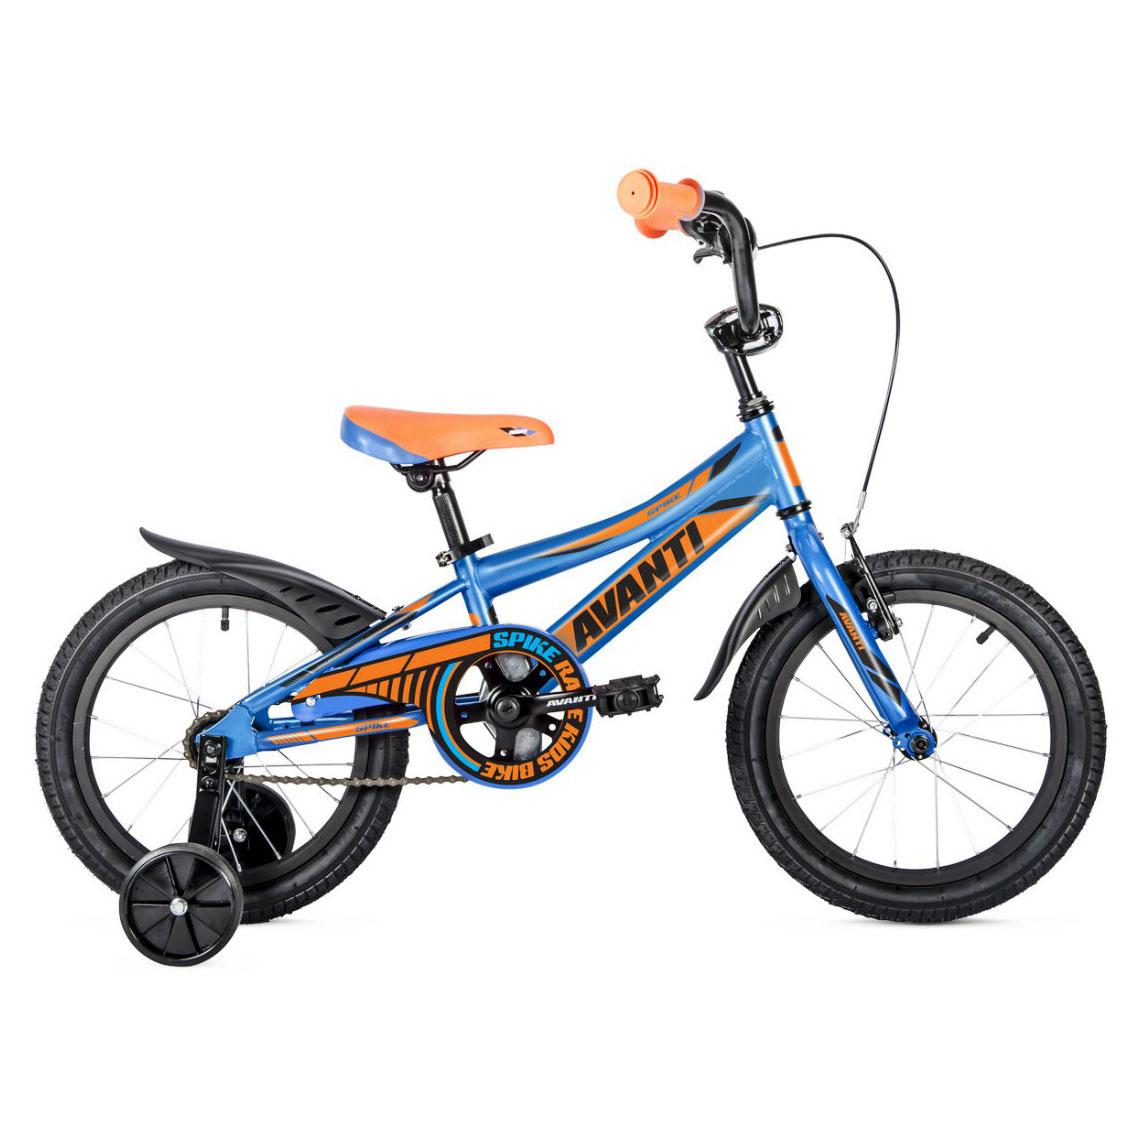 Фото Детский Велосипед 18 Avanti Spike 2018 сине-оранжевый